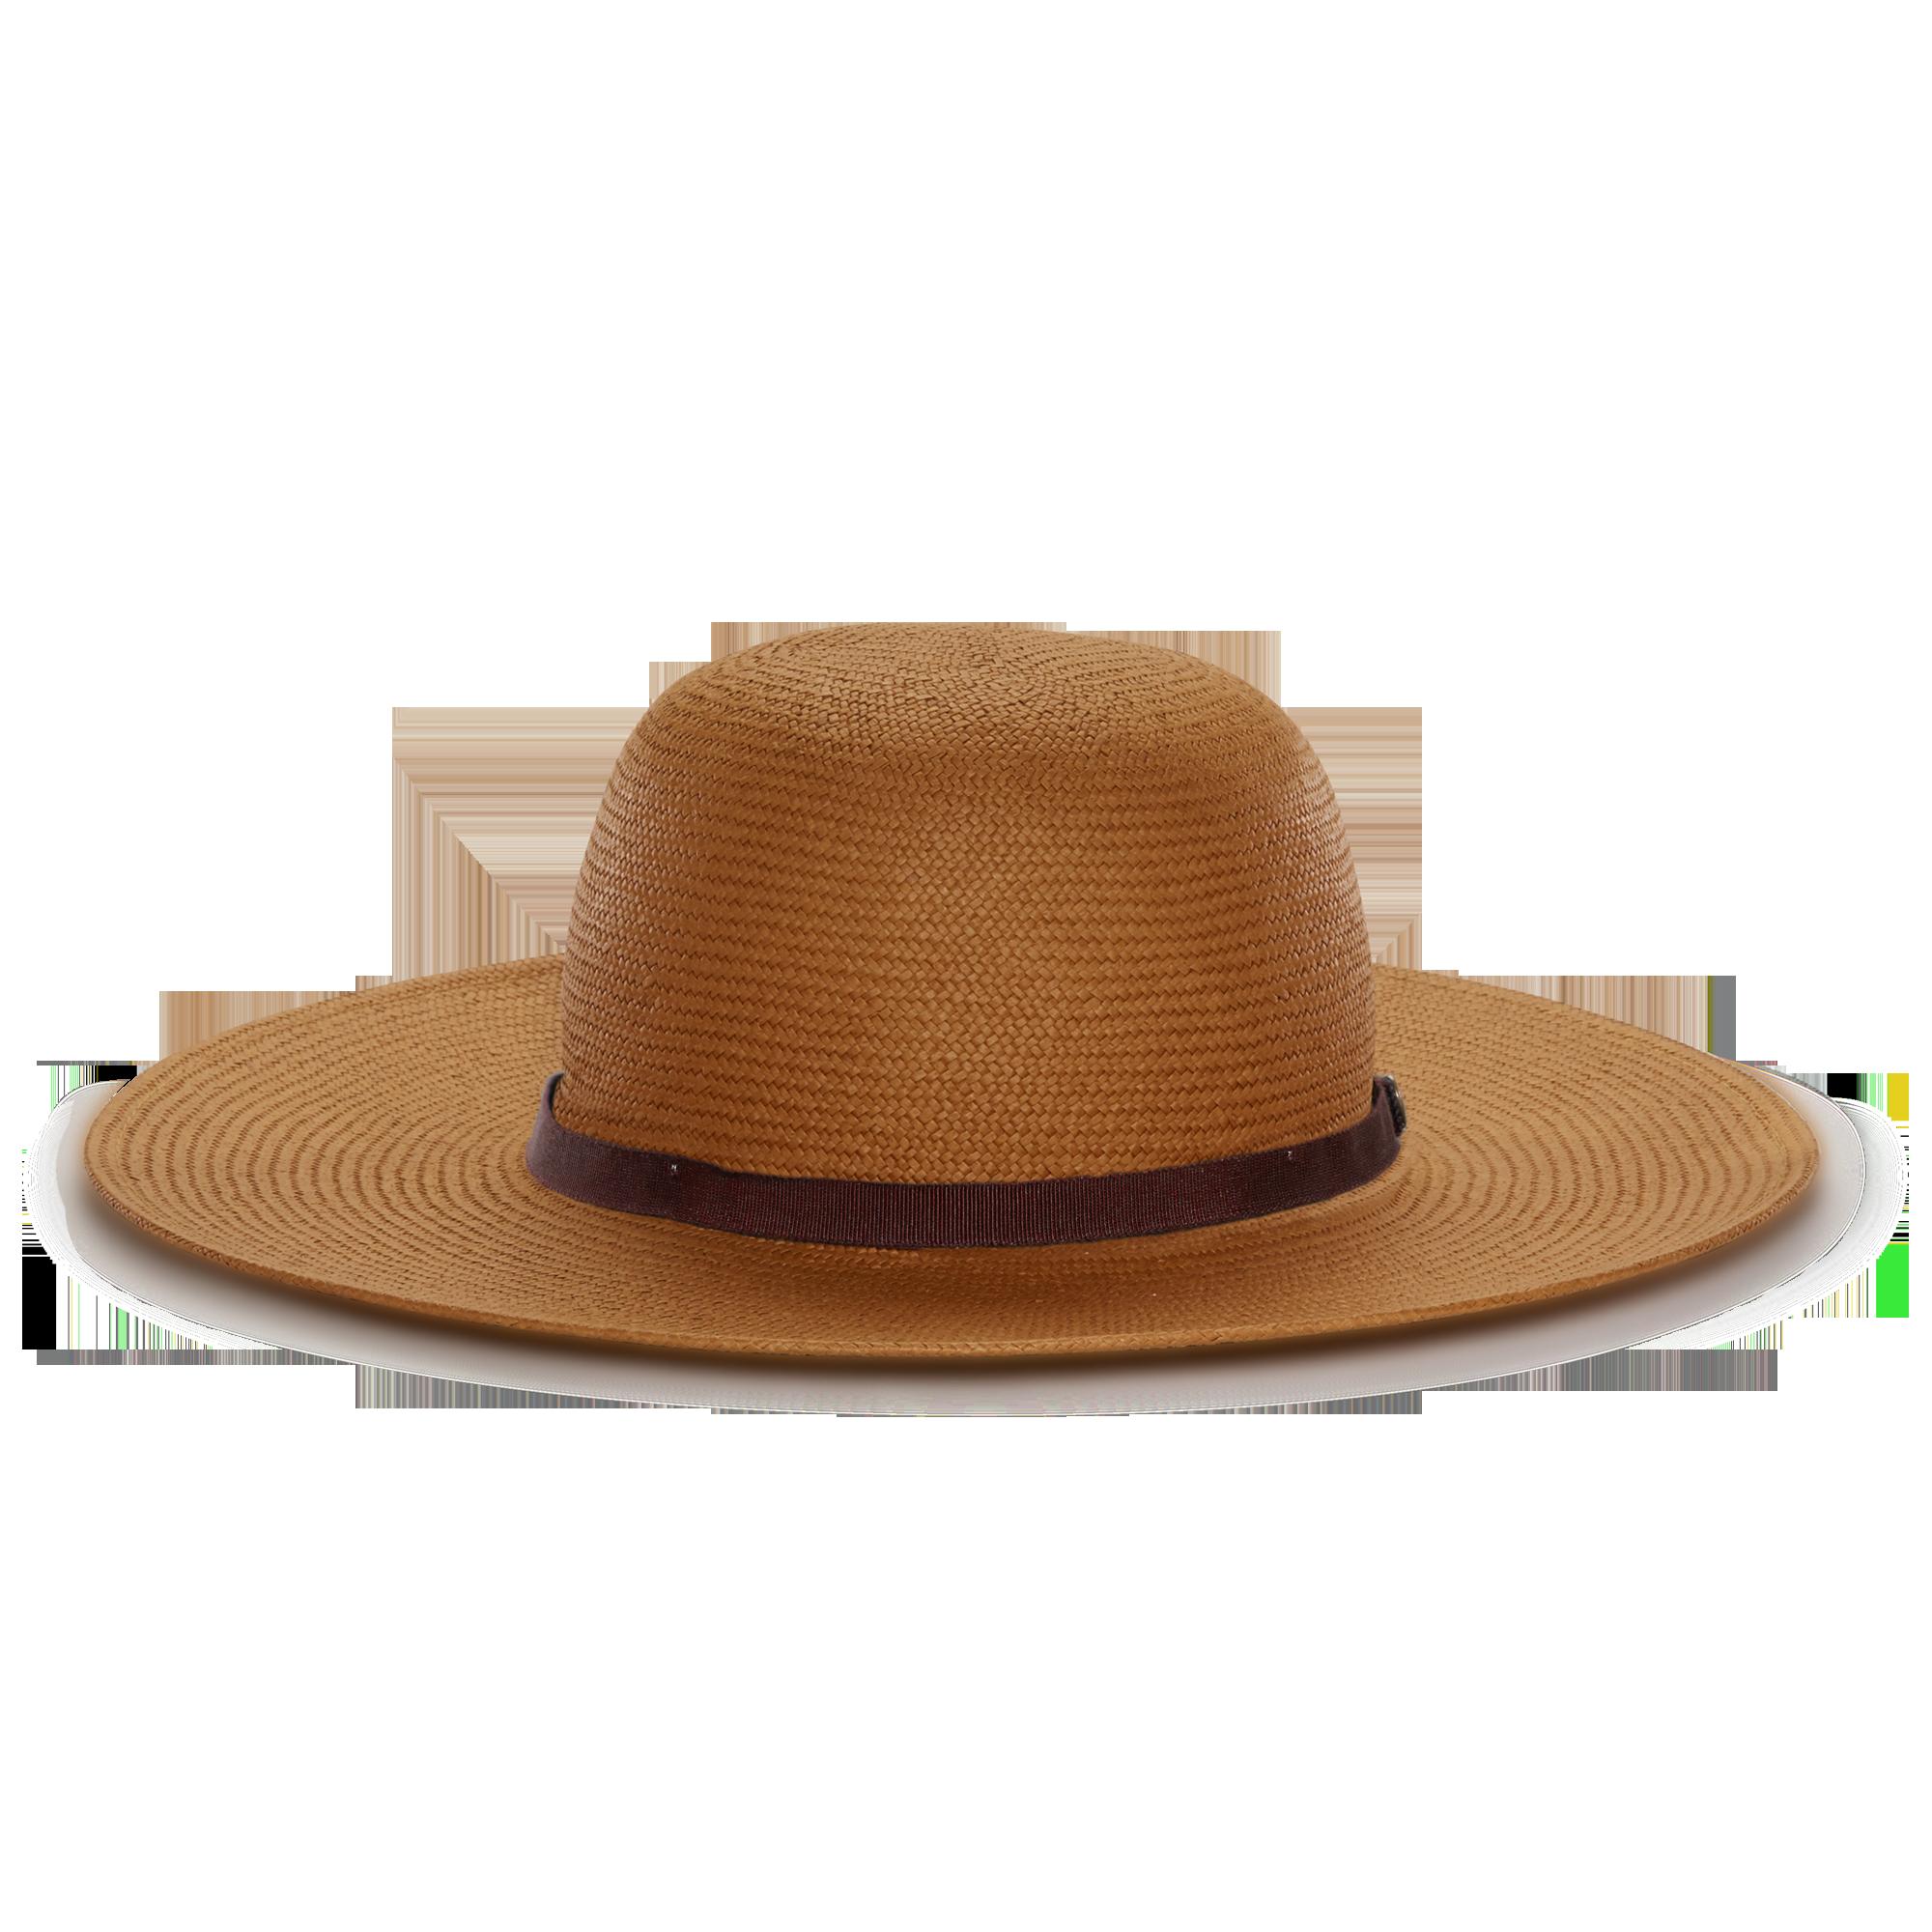 mrs. franklin floppy hat | goorin bros. hat shop wizdwcz